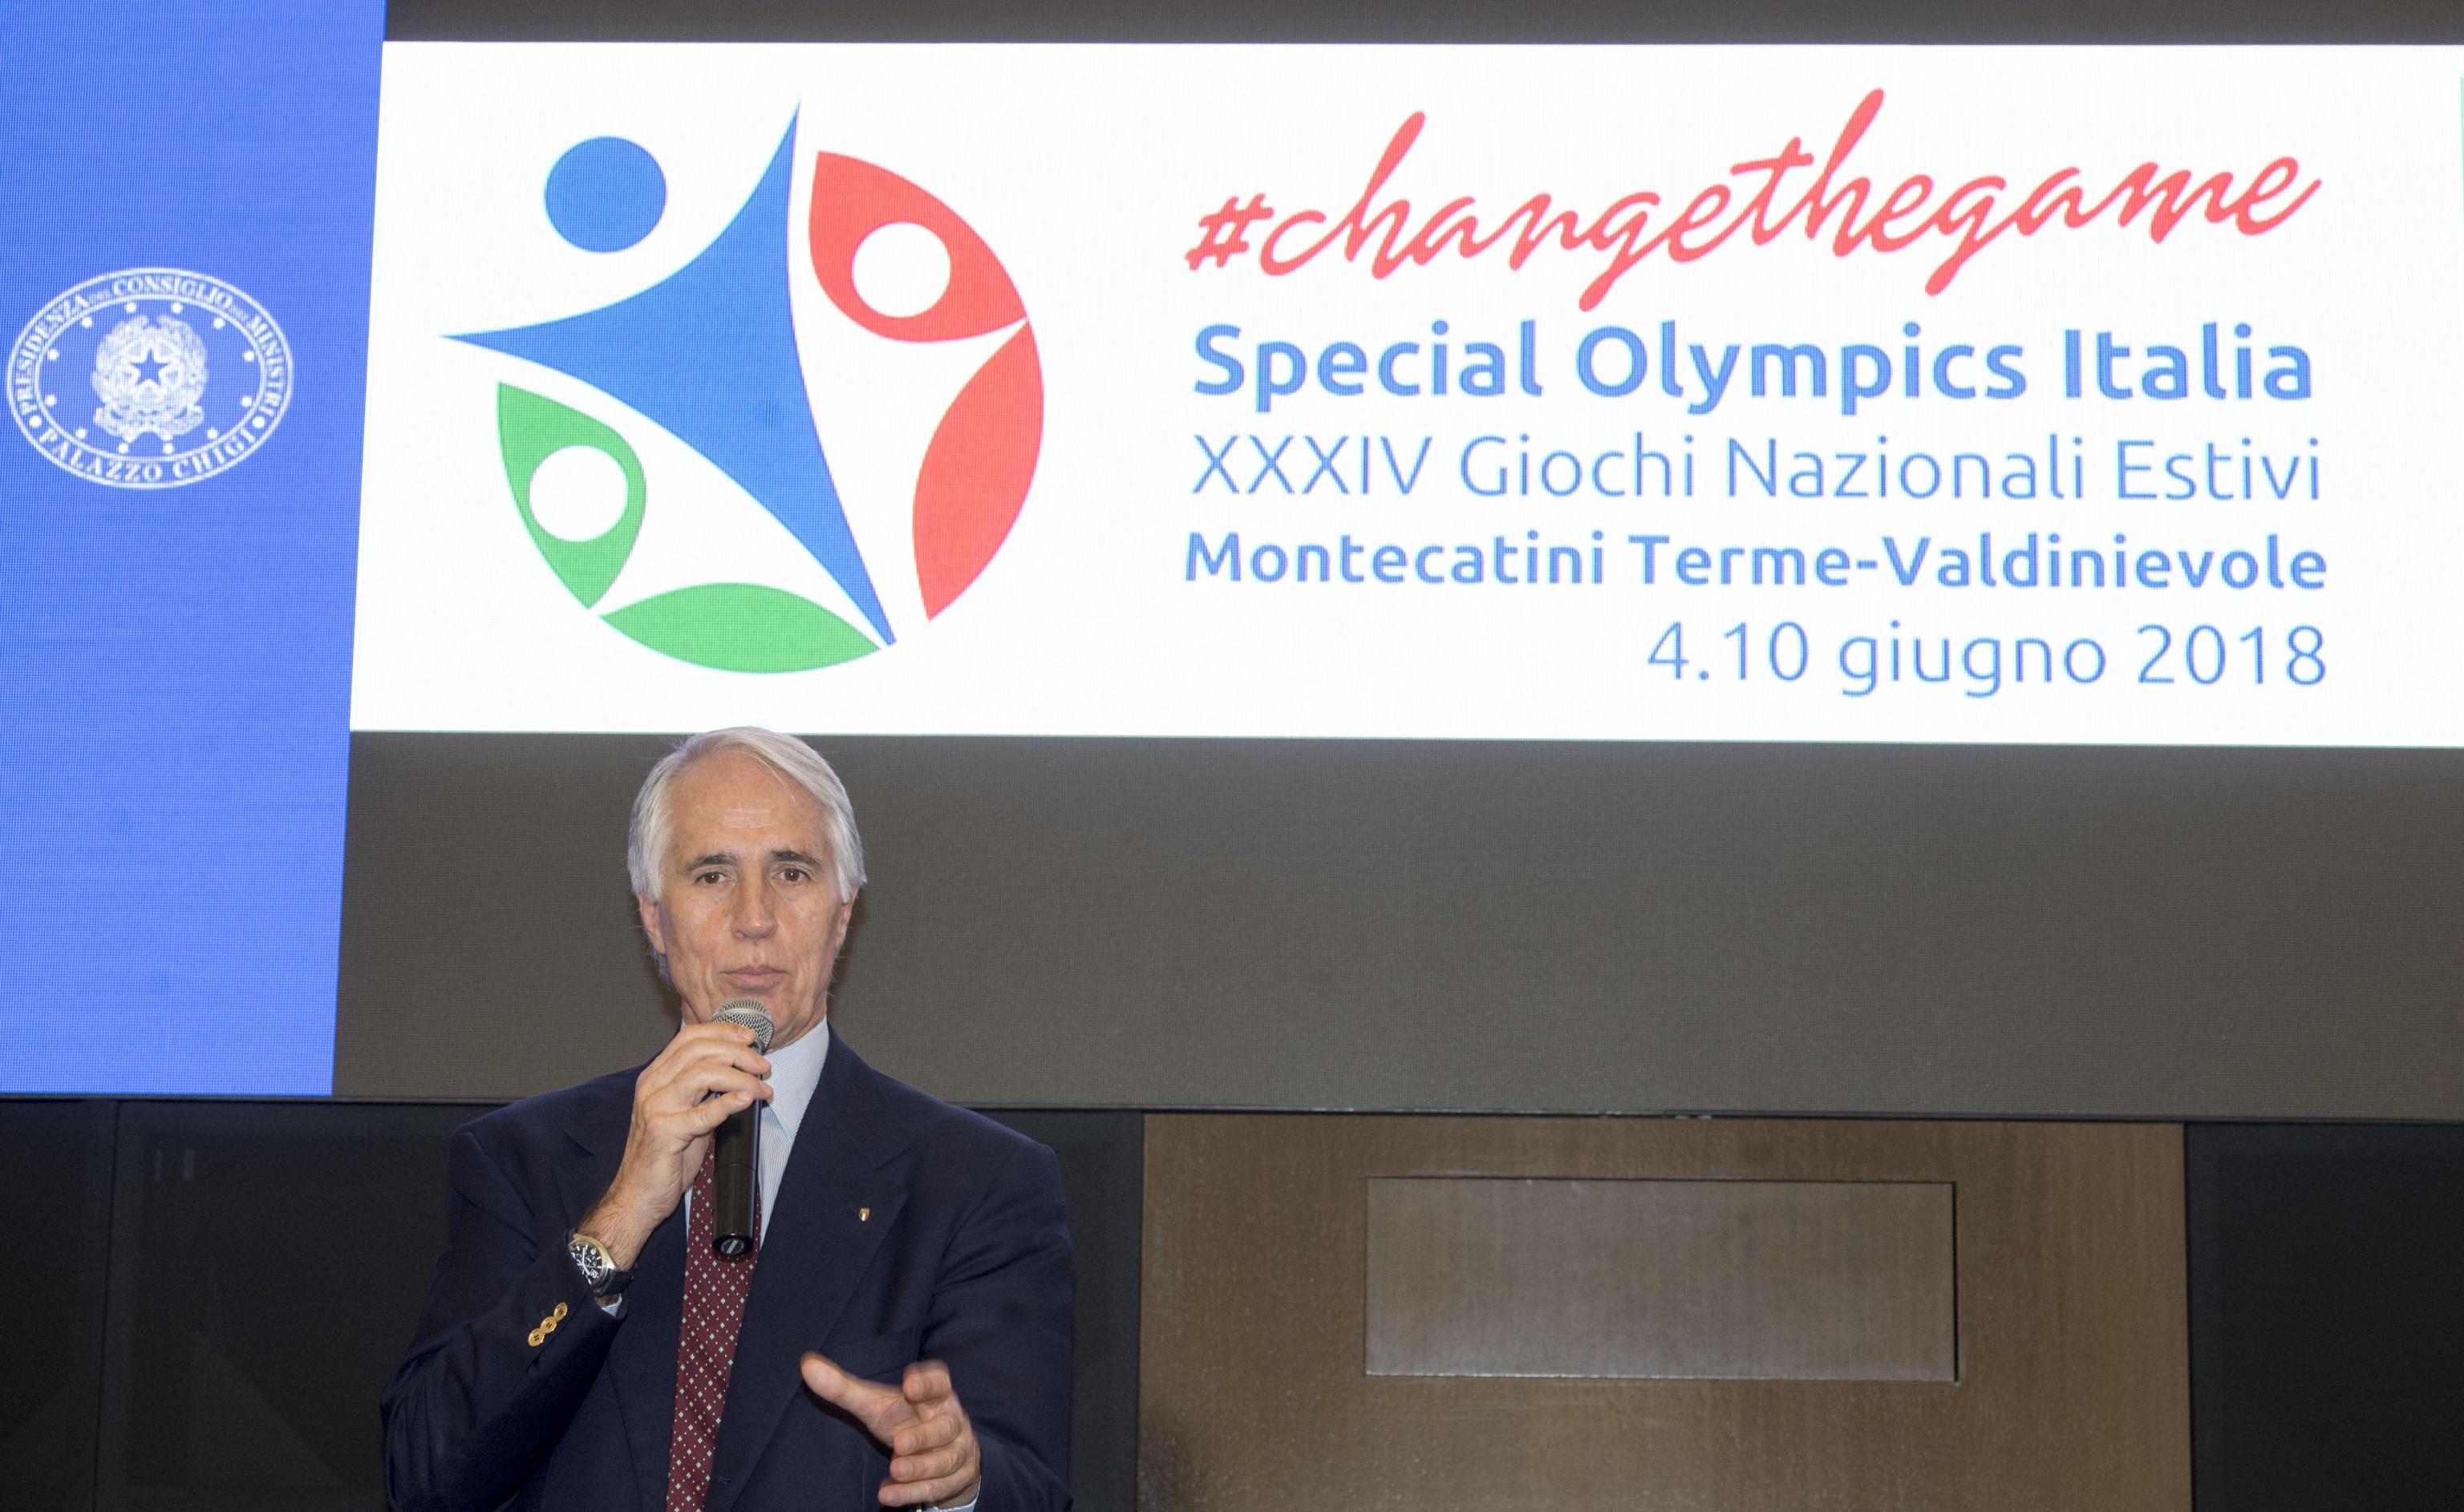 Giochi Nazionali Estivi Special Olympics, le olimpiadi italiane dedicate ad atleti con disabilita intellettive